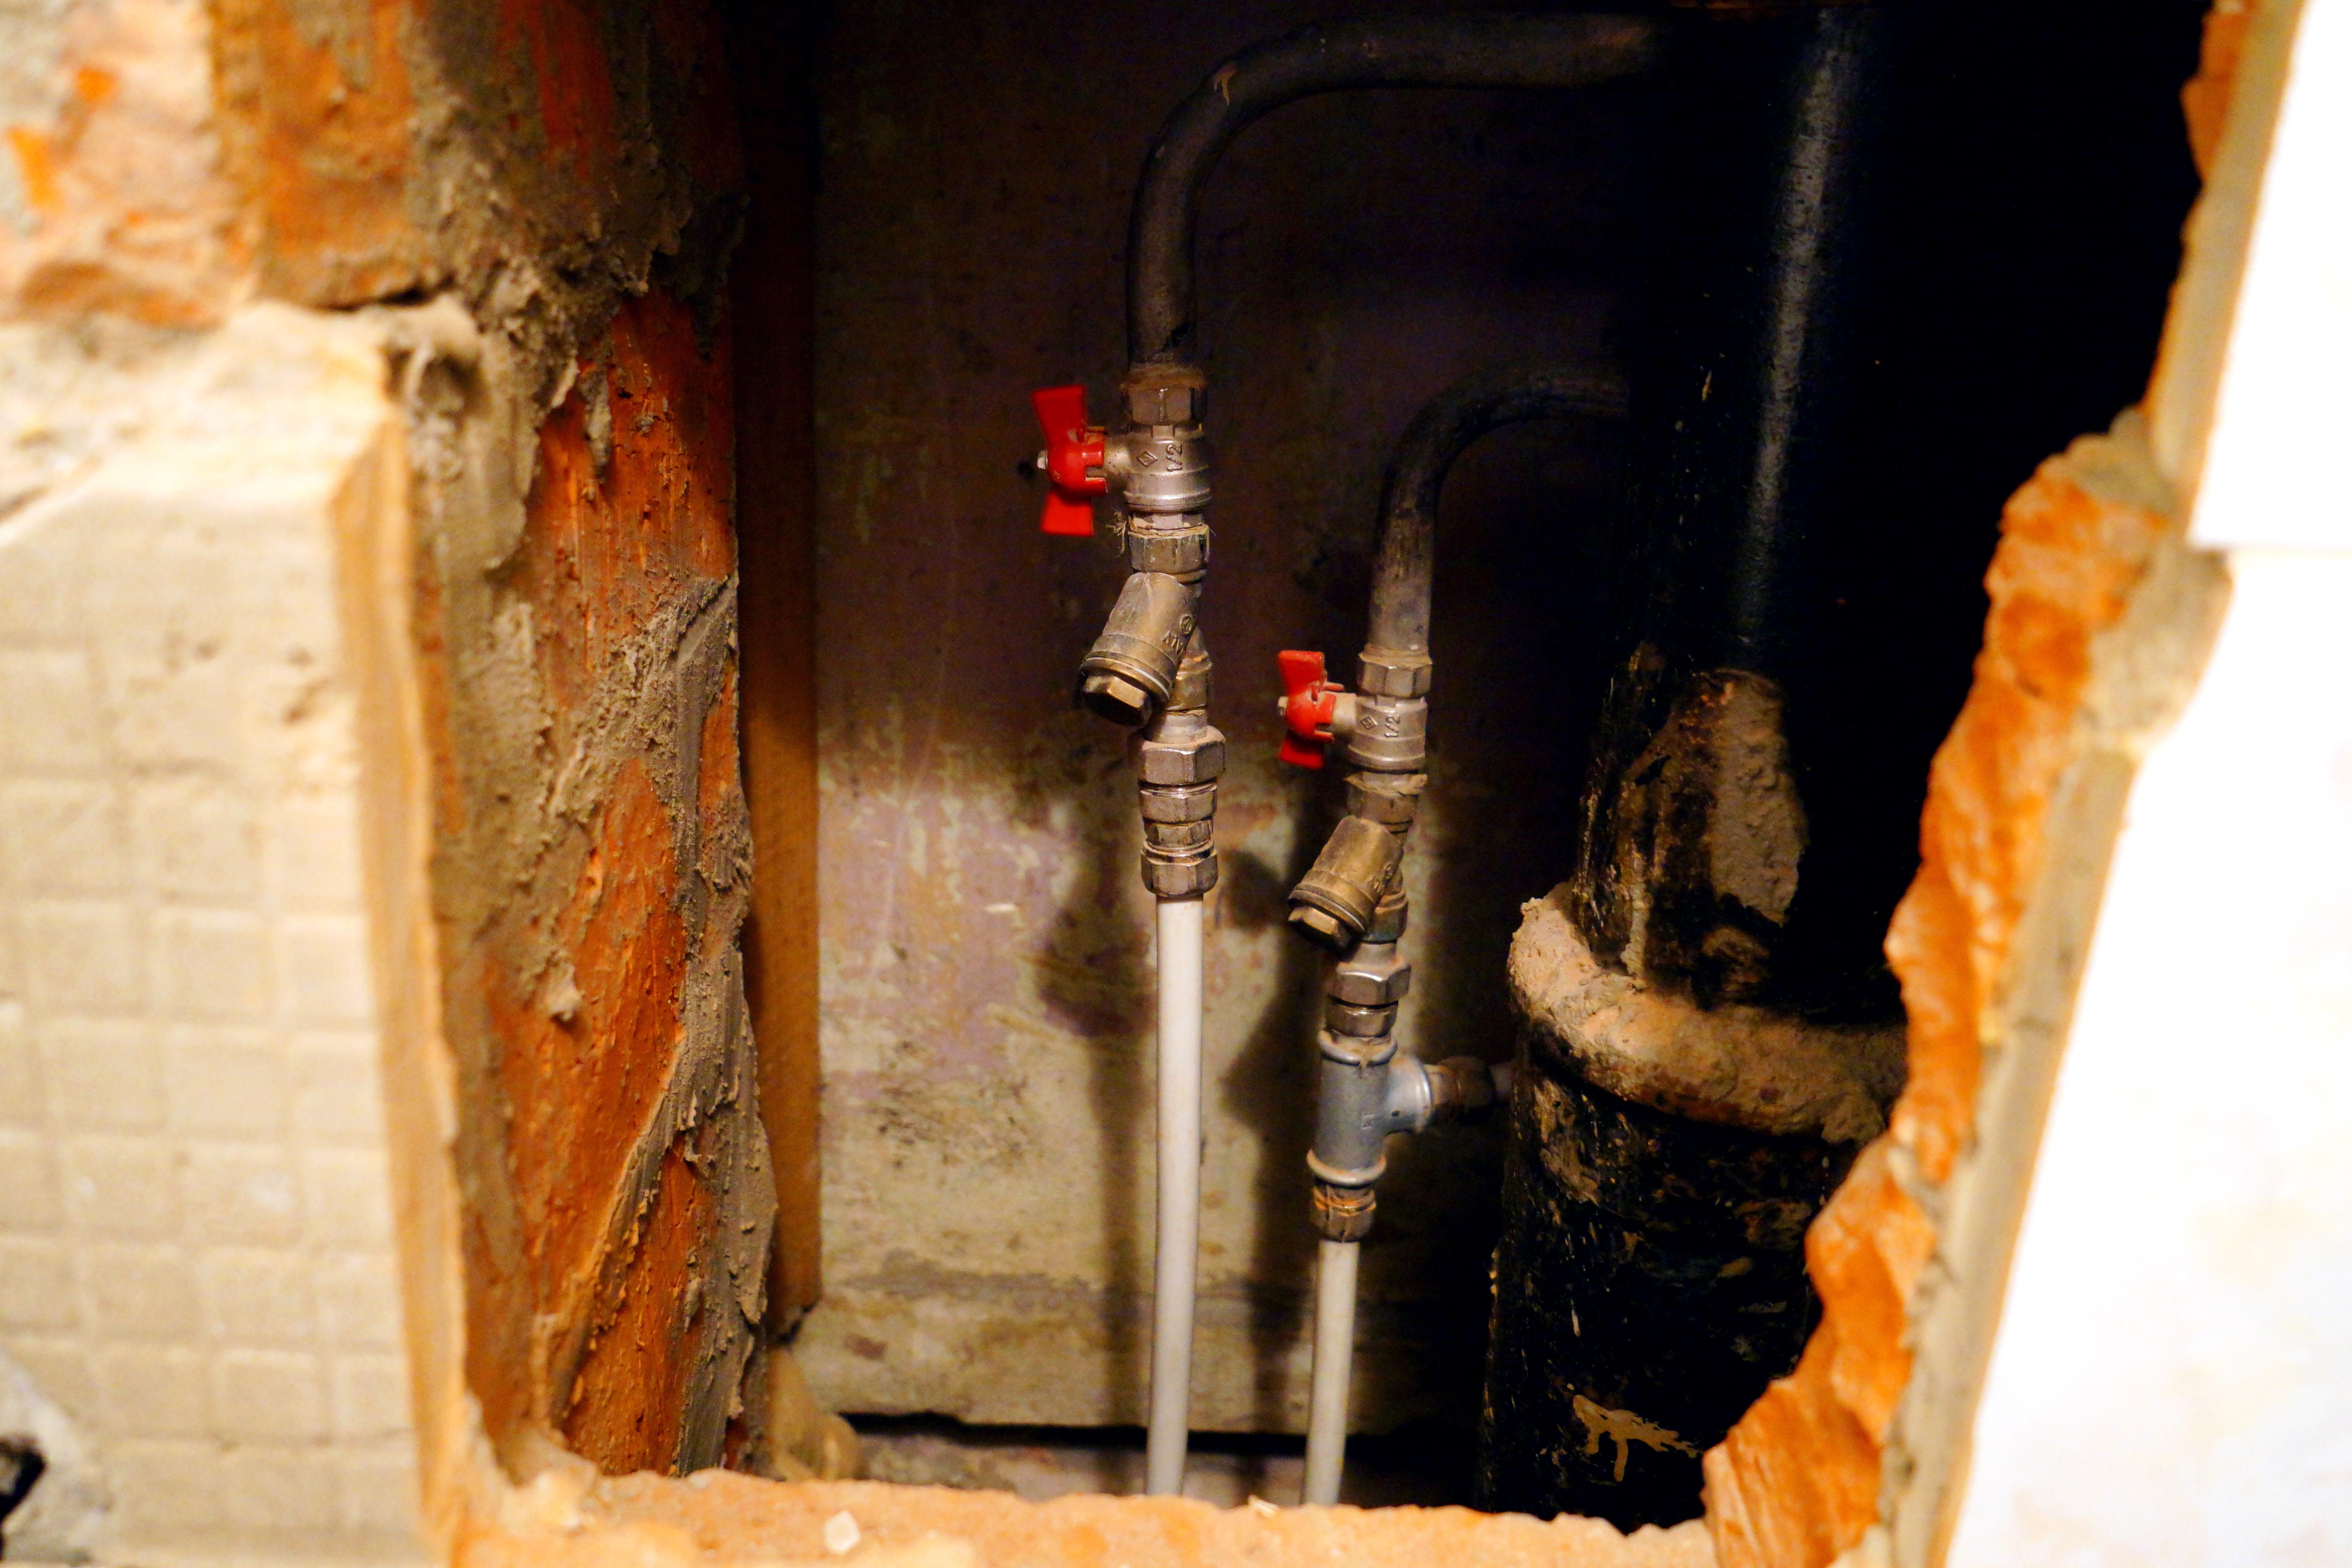 Установка приборов учета воды в квартире